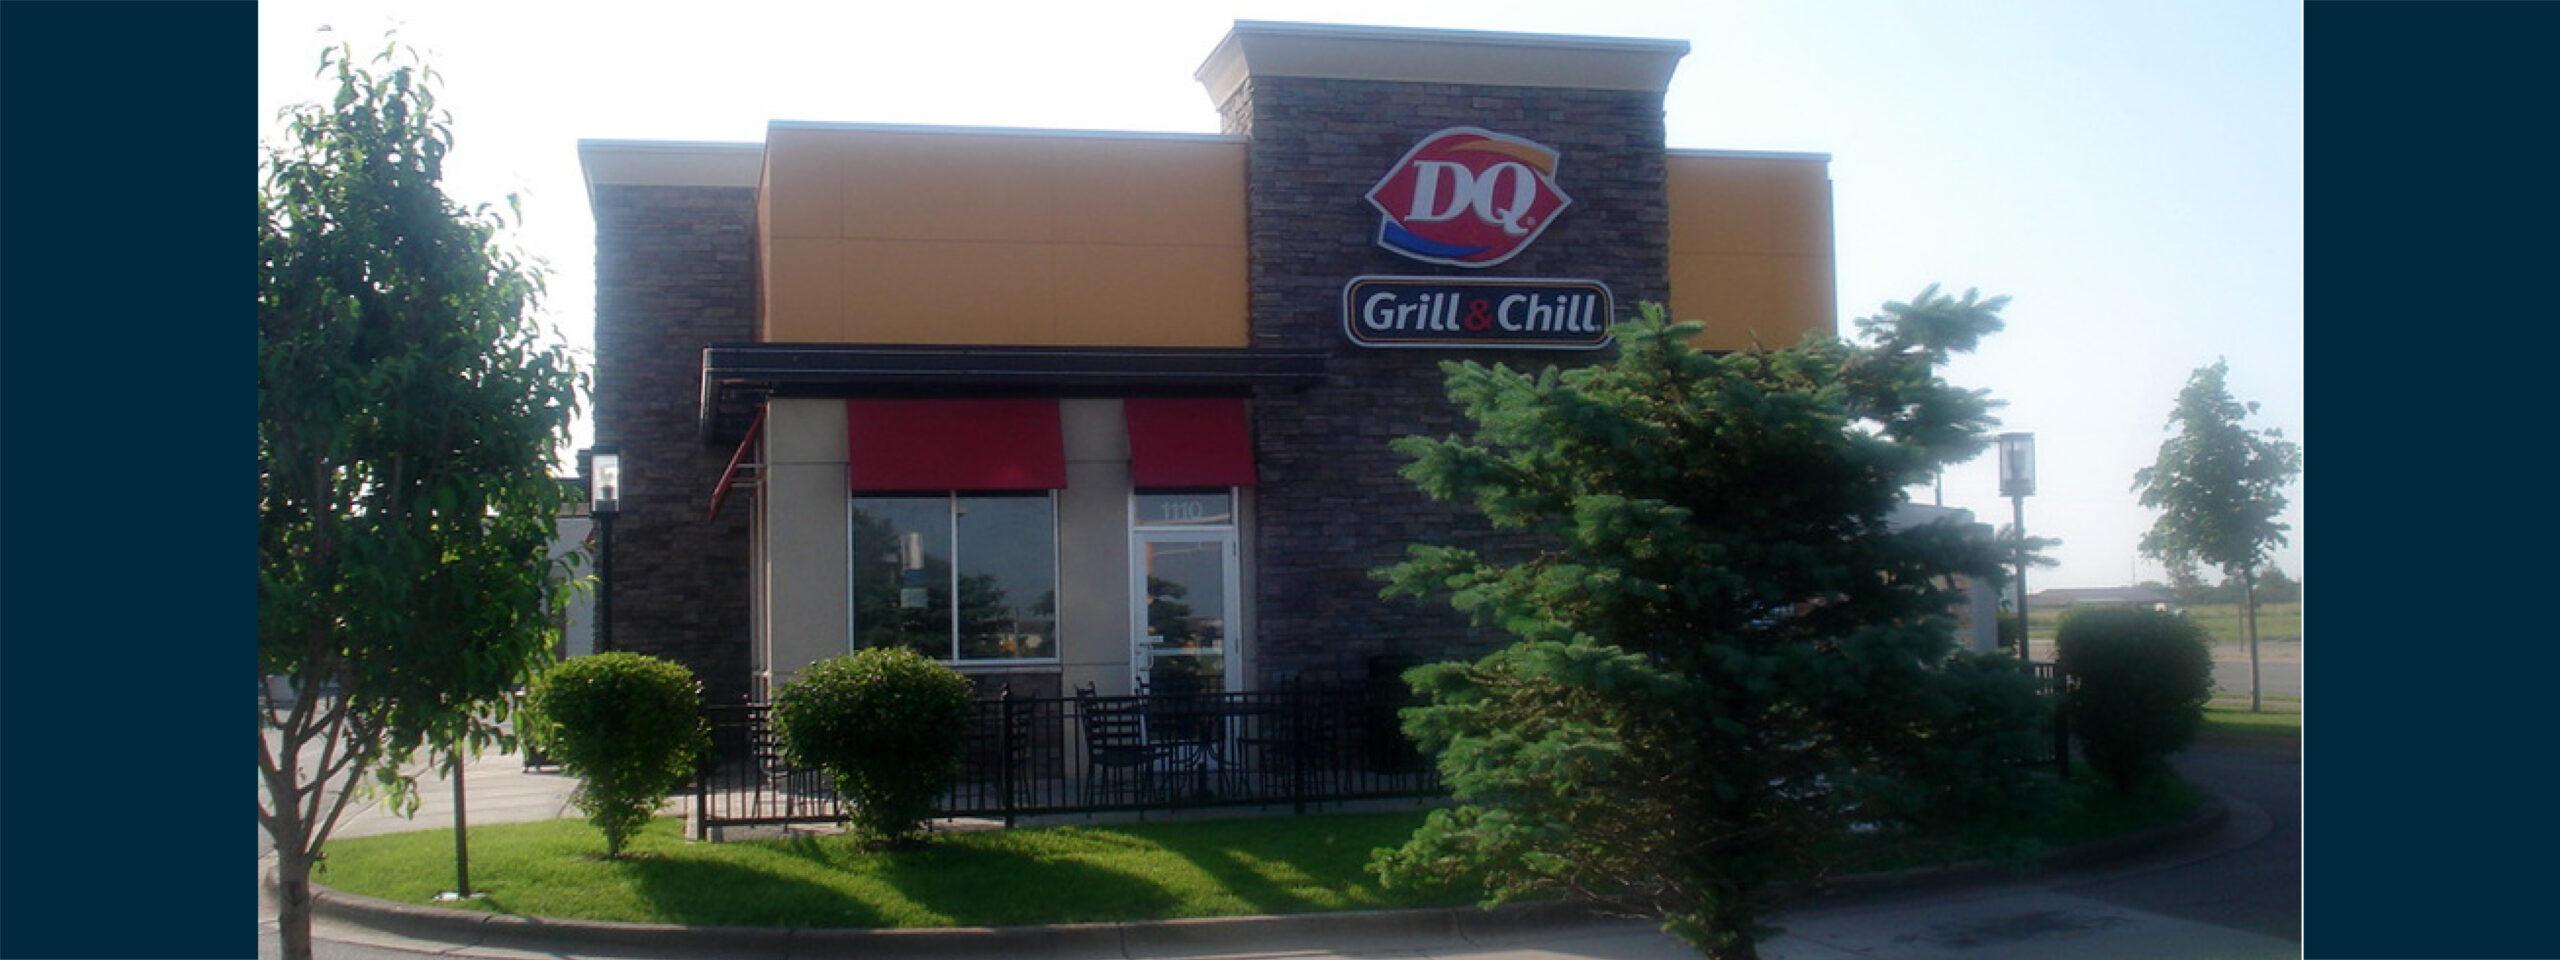 Monticello, MN Fourteen Foods DQ Restaurant